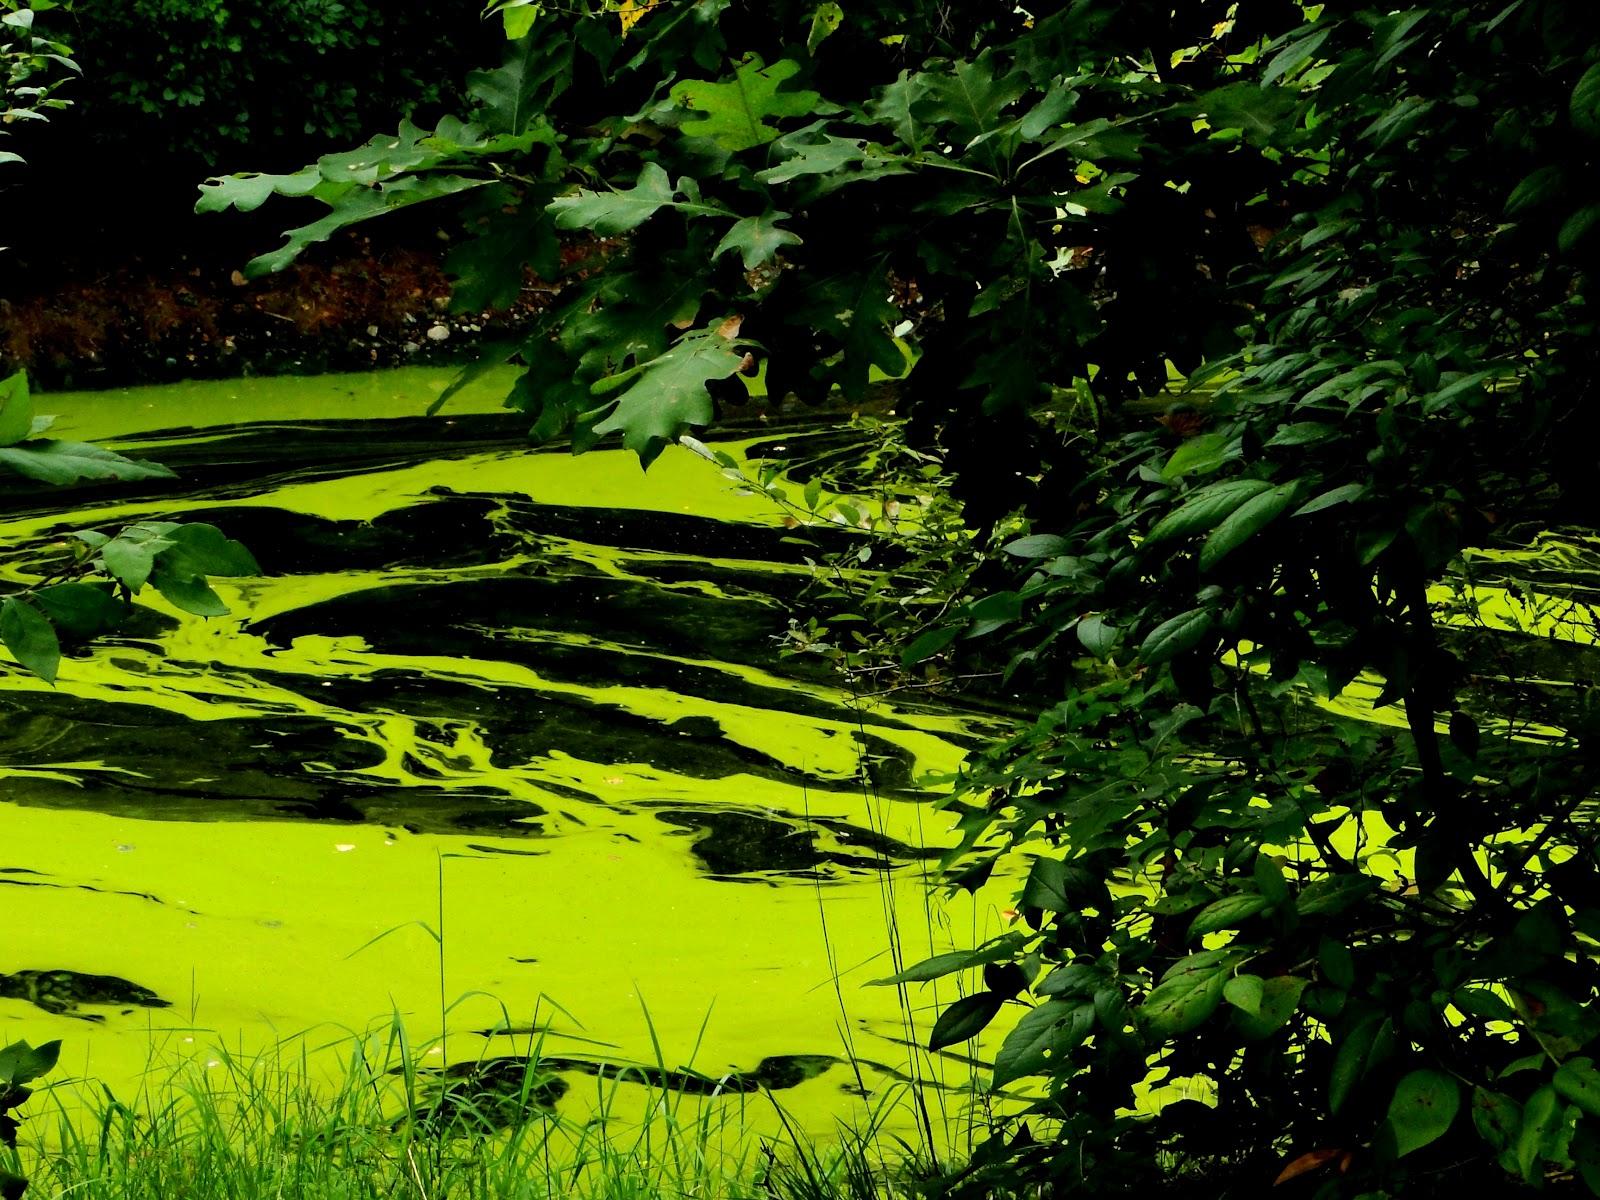 http://3.bp.blogspot.com/-c8SujAbxpAc/UD5aQYCBxoI/AAAAAAAADrc/EBO8Jwk12aA/s1600/Plankton%2Balgae.JPG